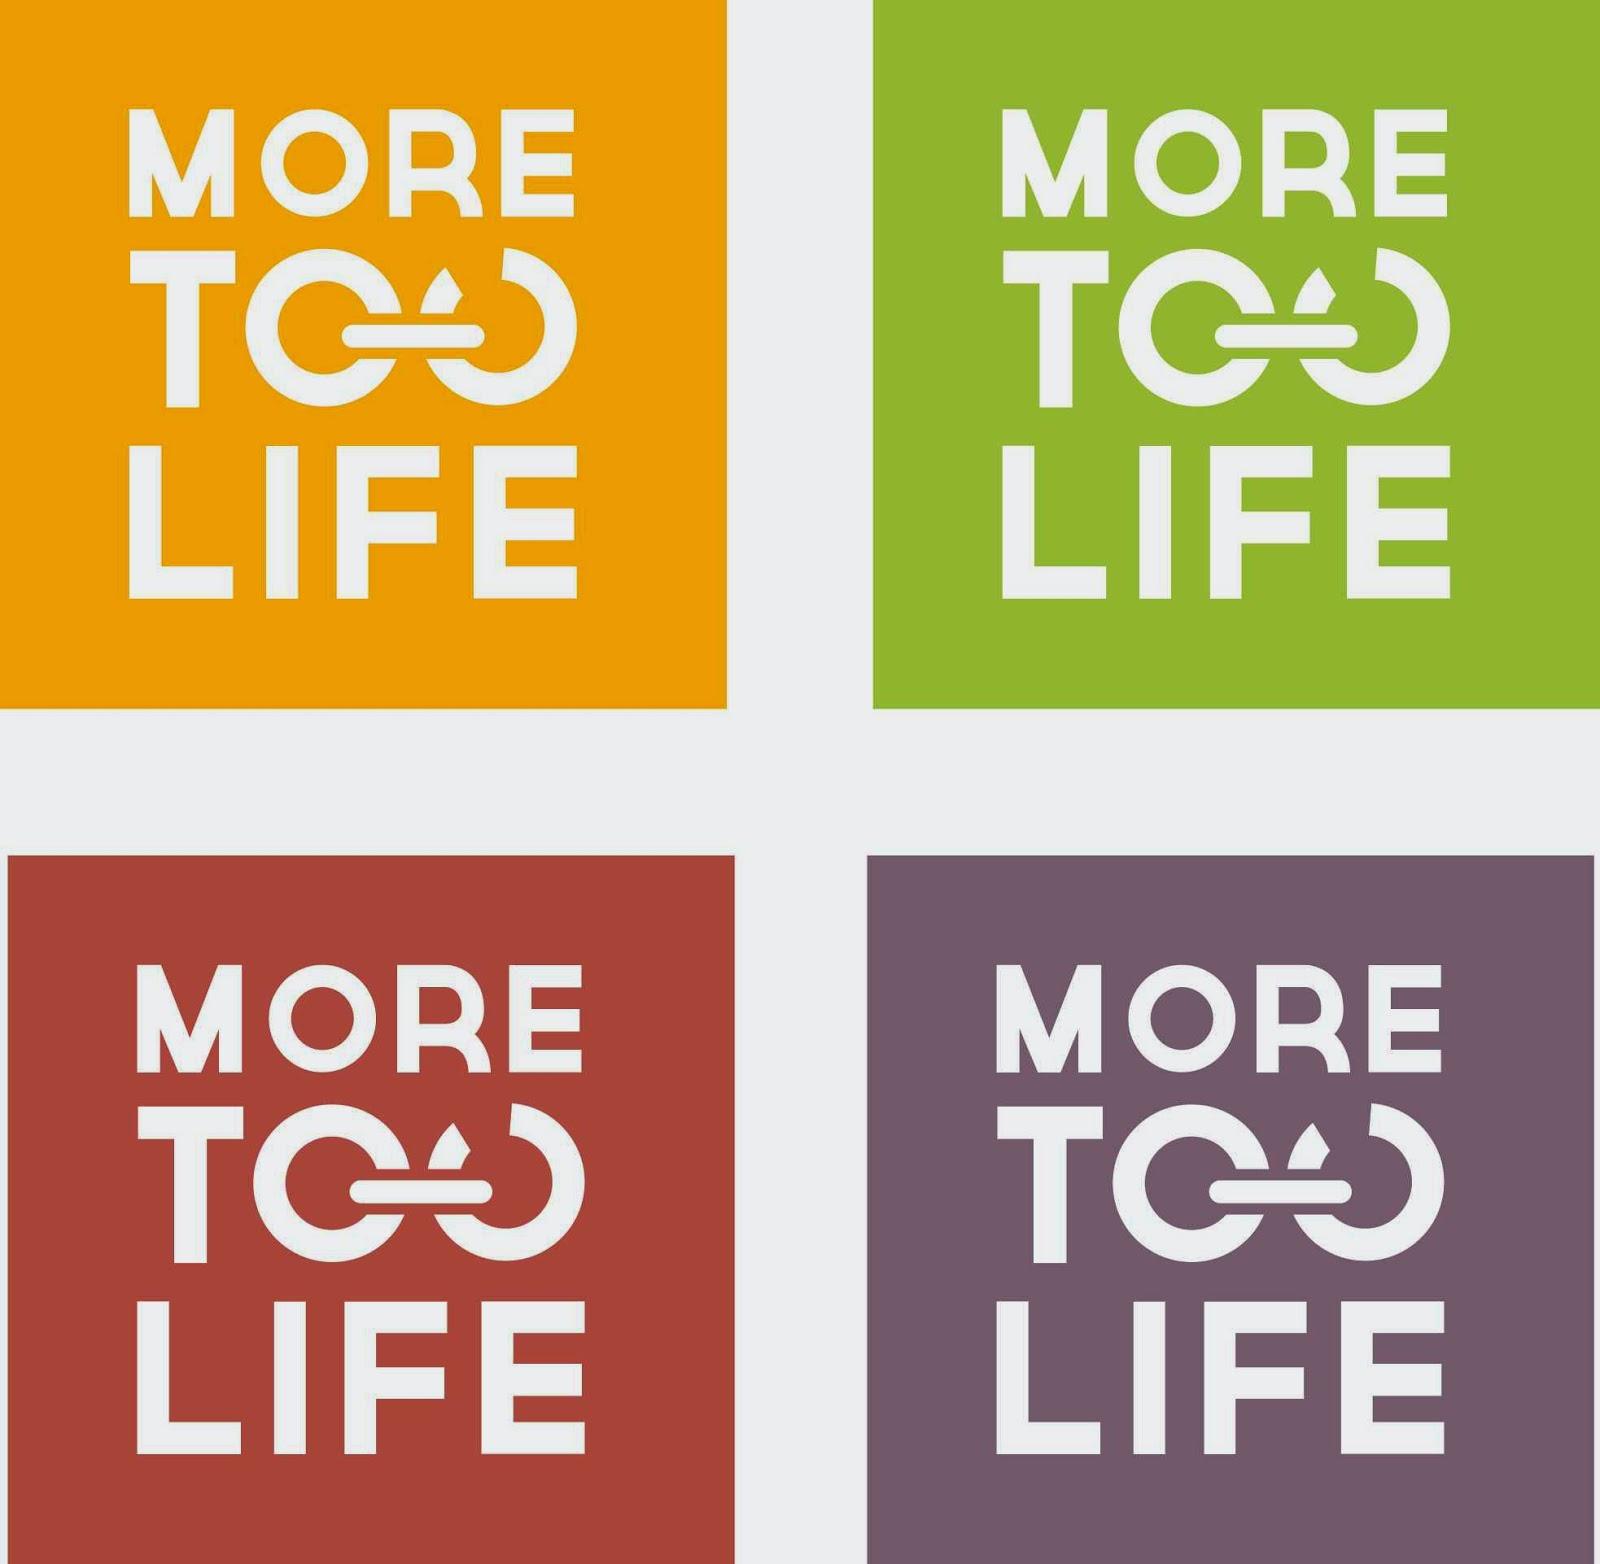 More Too Life